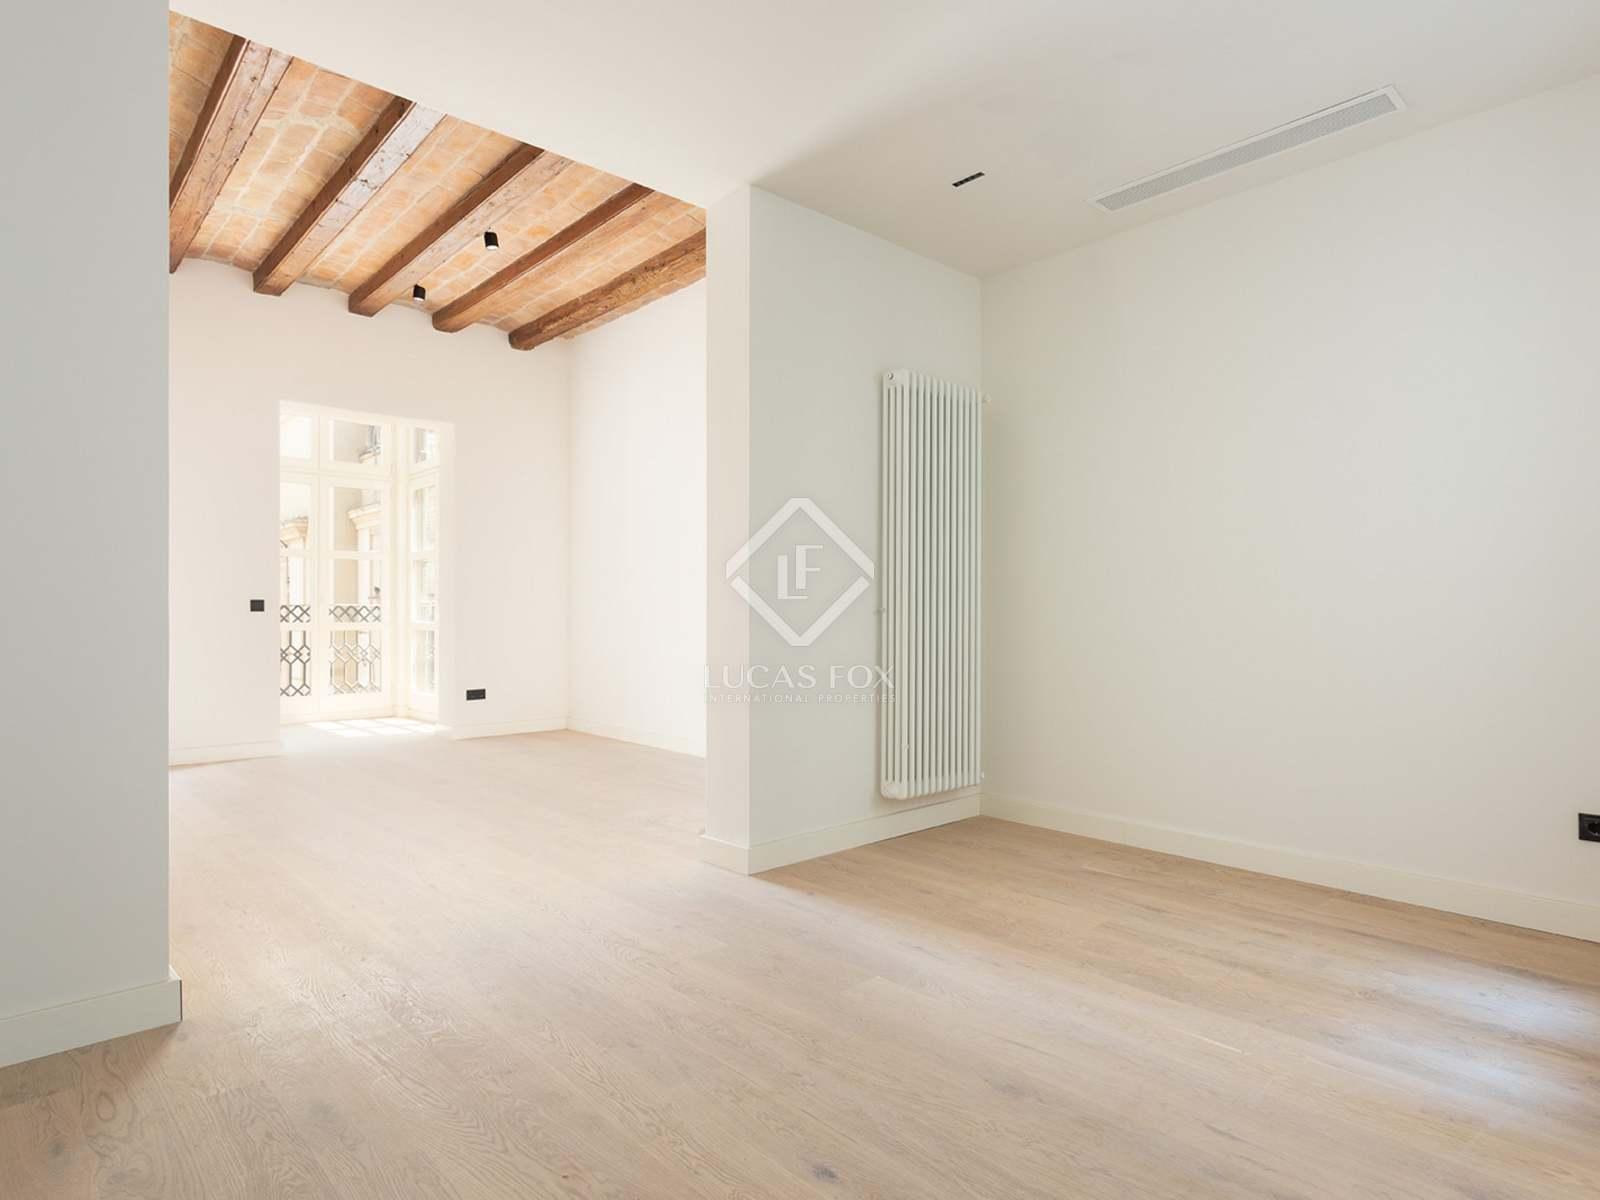 Sala de estar : Algunas de las imágenes digitales utilizadas son aproximativas